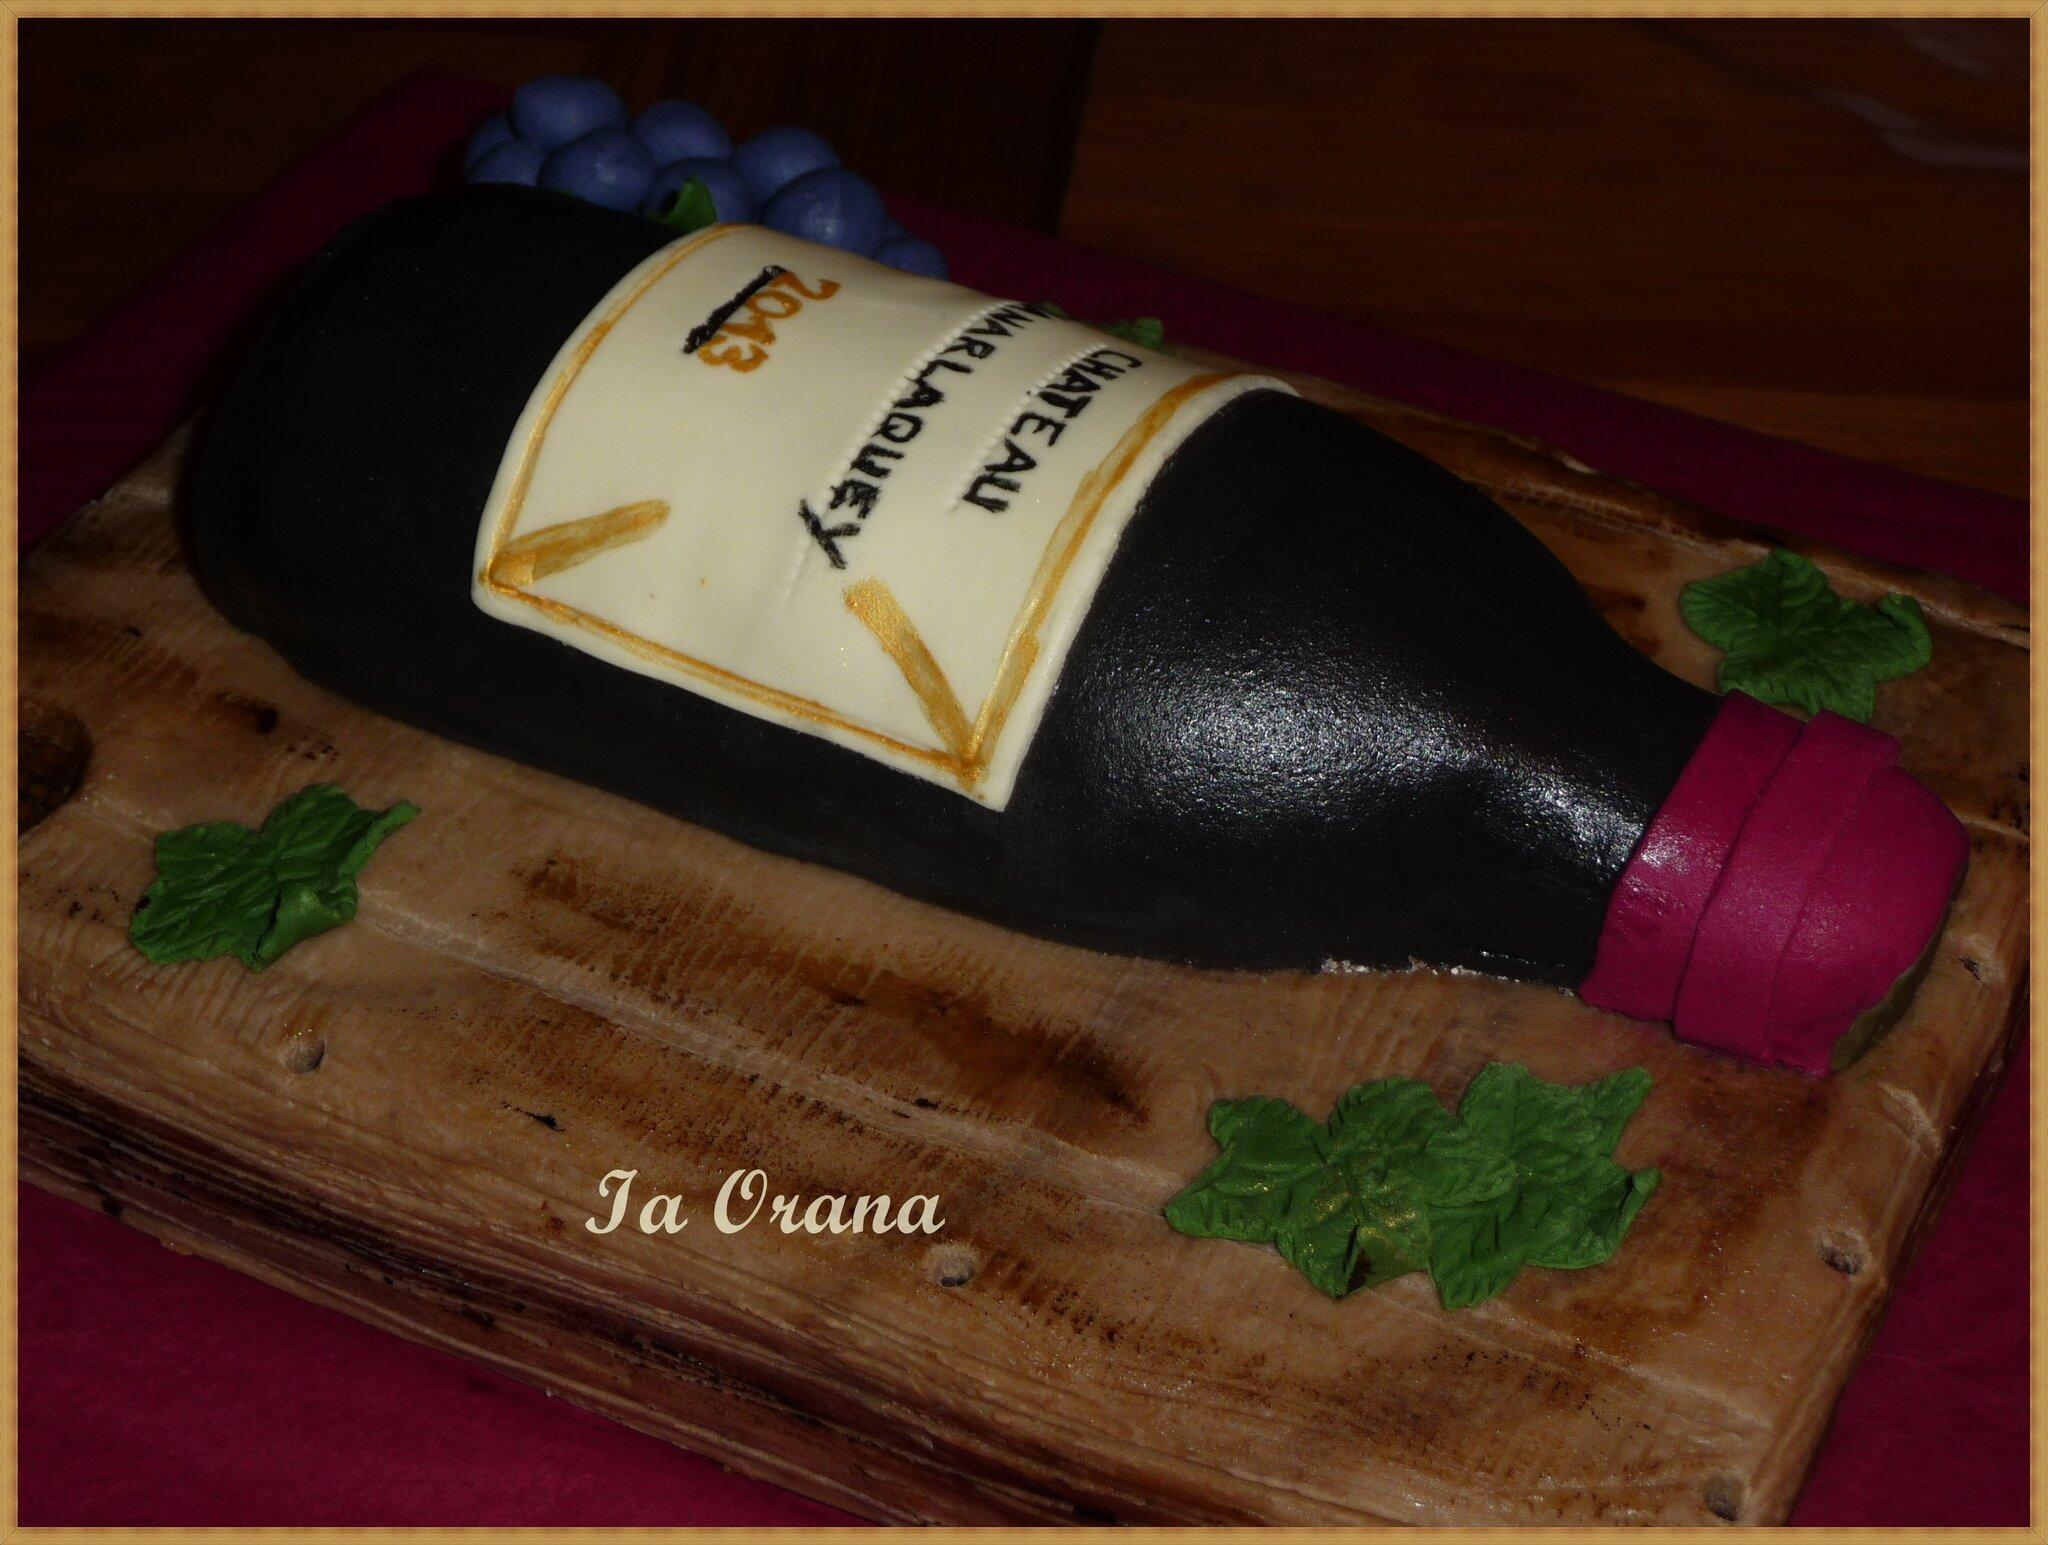 Vin Rouge Cuisine